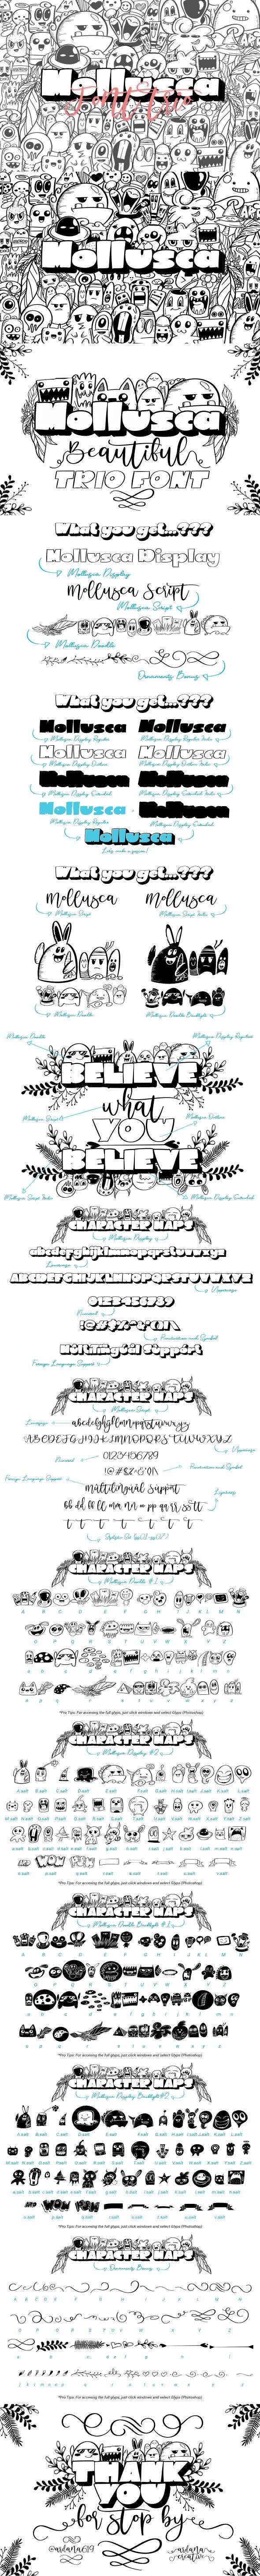 Mollusca Font Trio | Doodle Font - Decorative Fonts